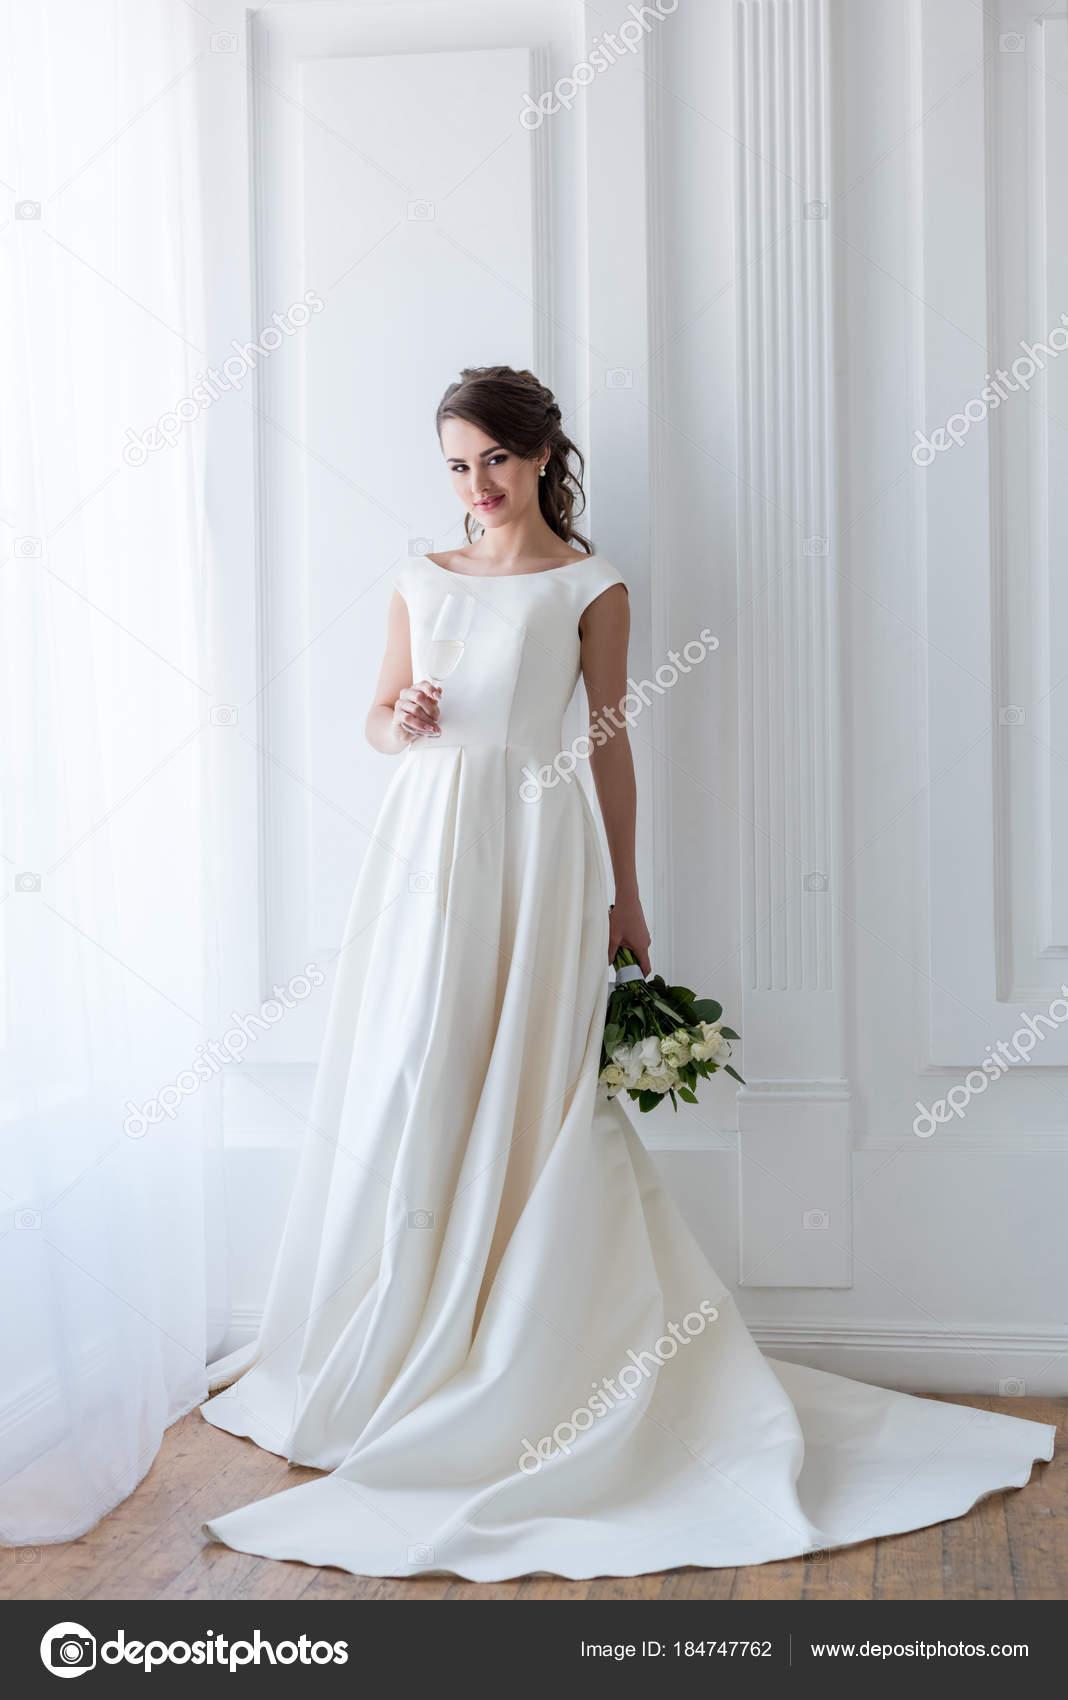 Schone Braut Traditioneller Tracht Mit Brautstrauss Und Glas